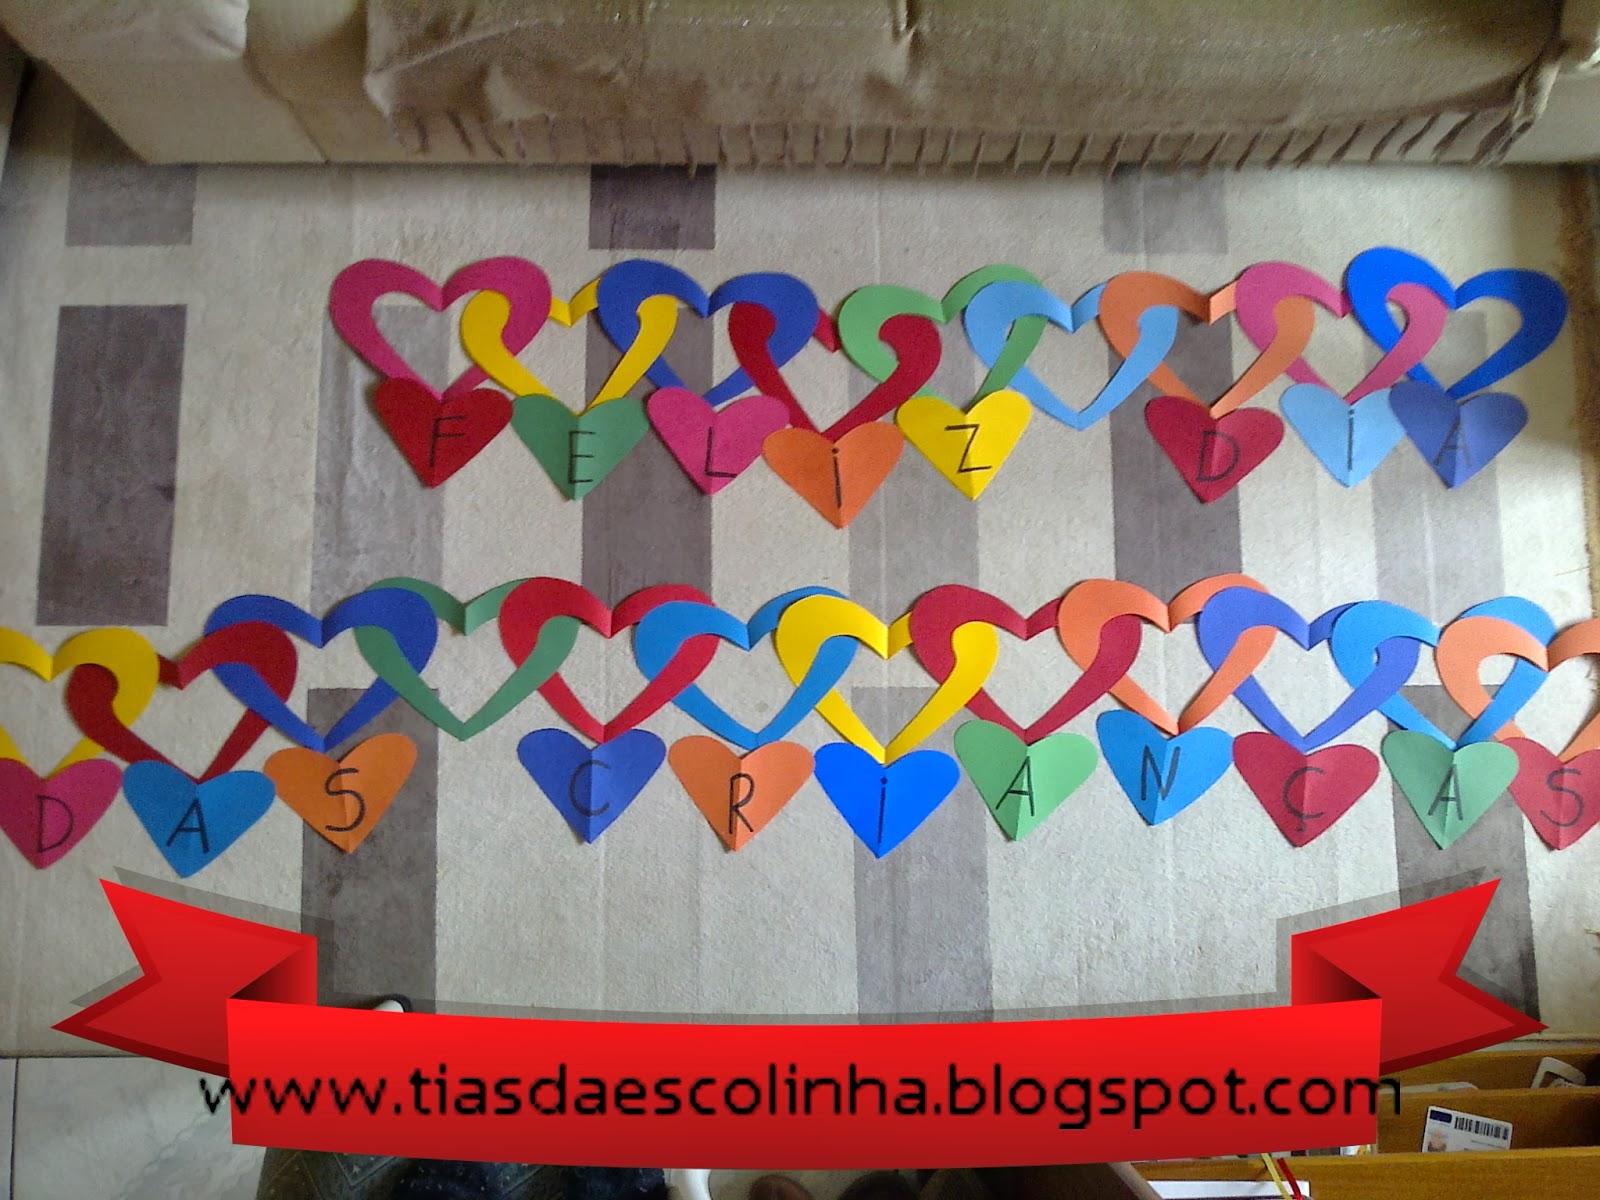 Decoração da escola para Dia das Crianças - Ideias e Sugestões.